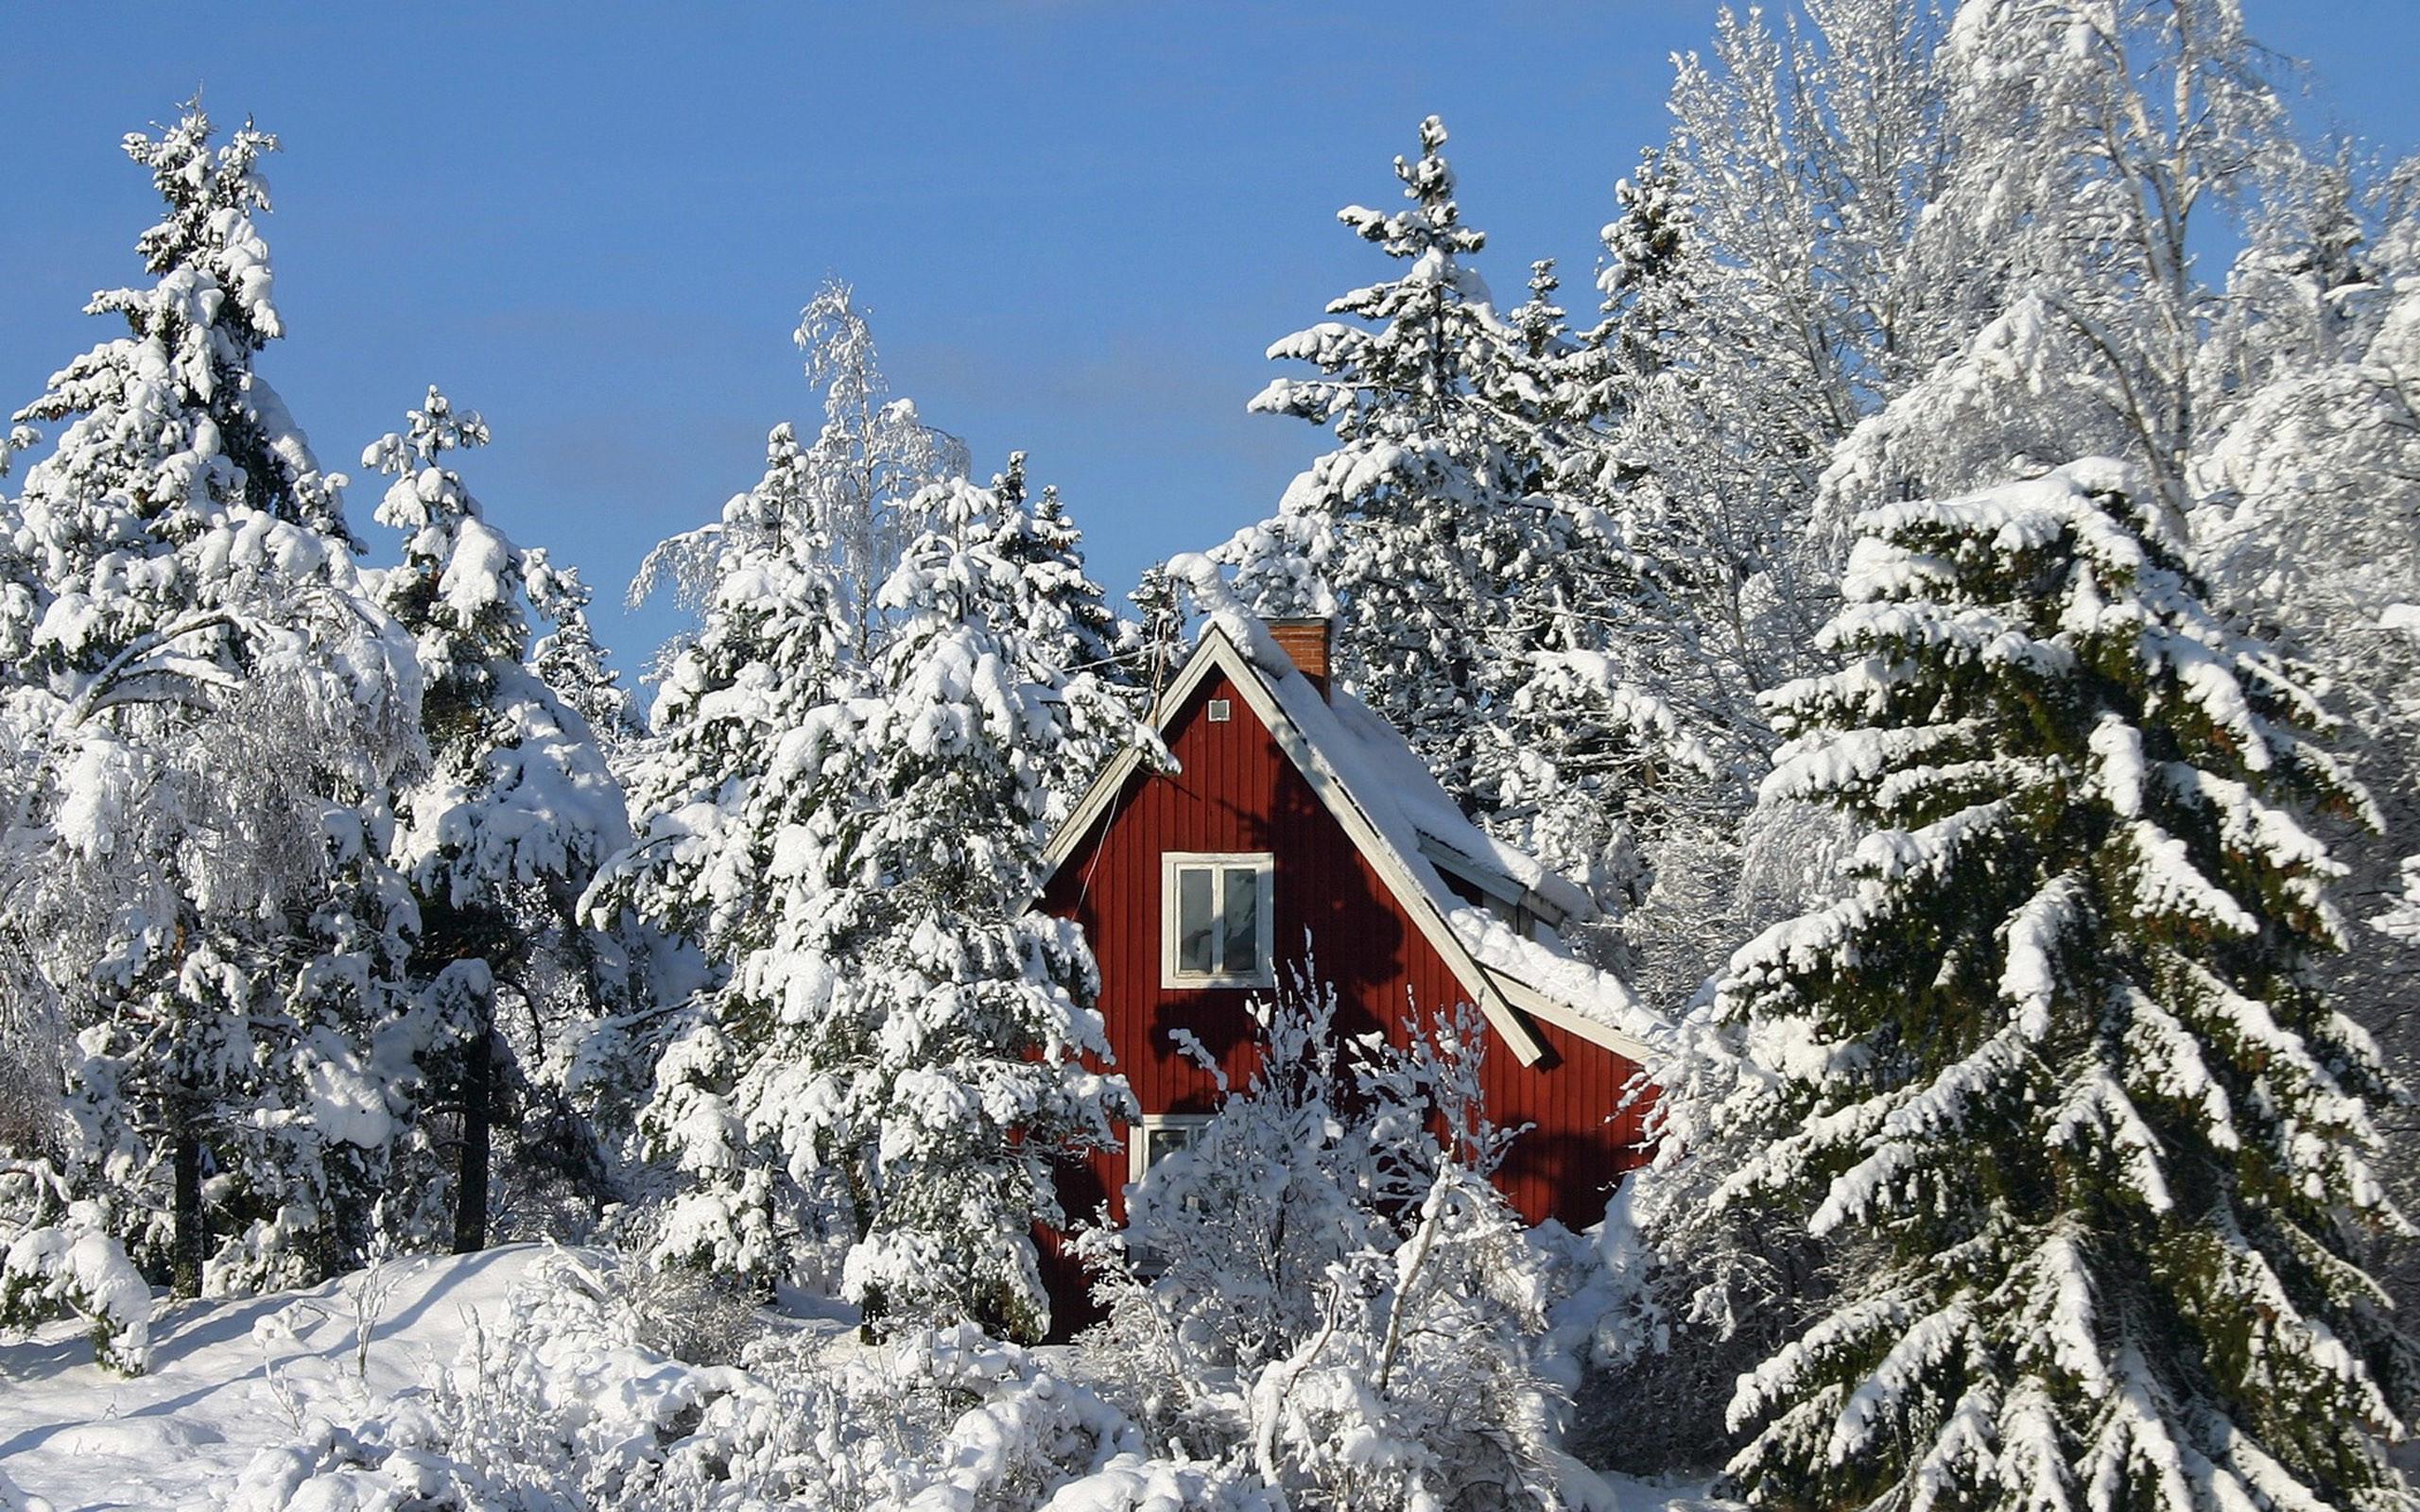 Winter Snow Scenes Wallpaper 49 Images